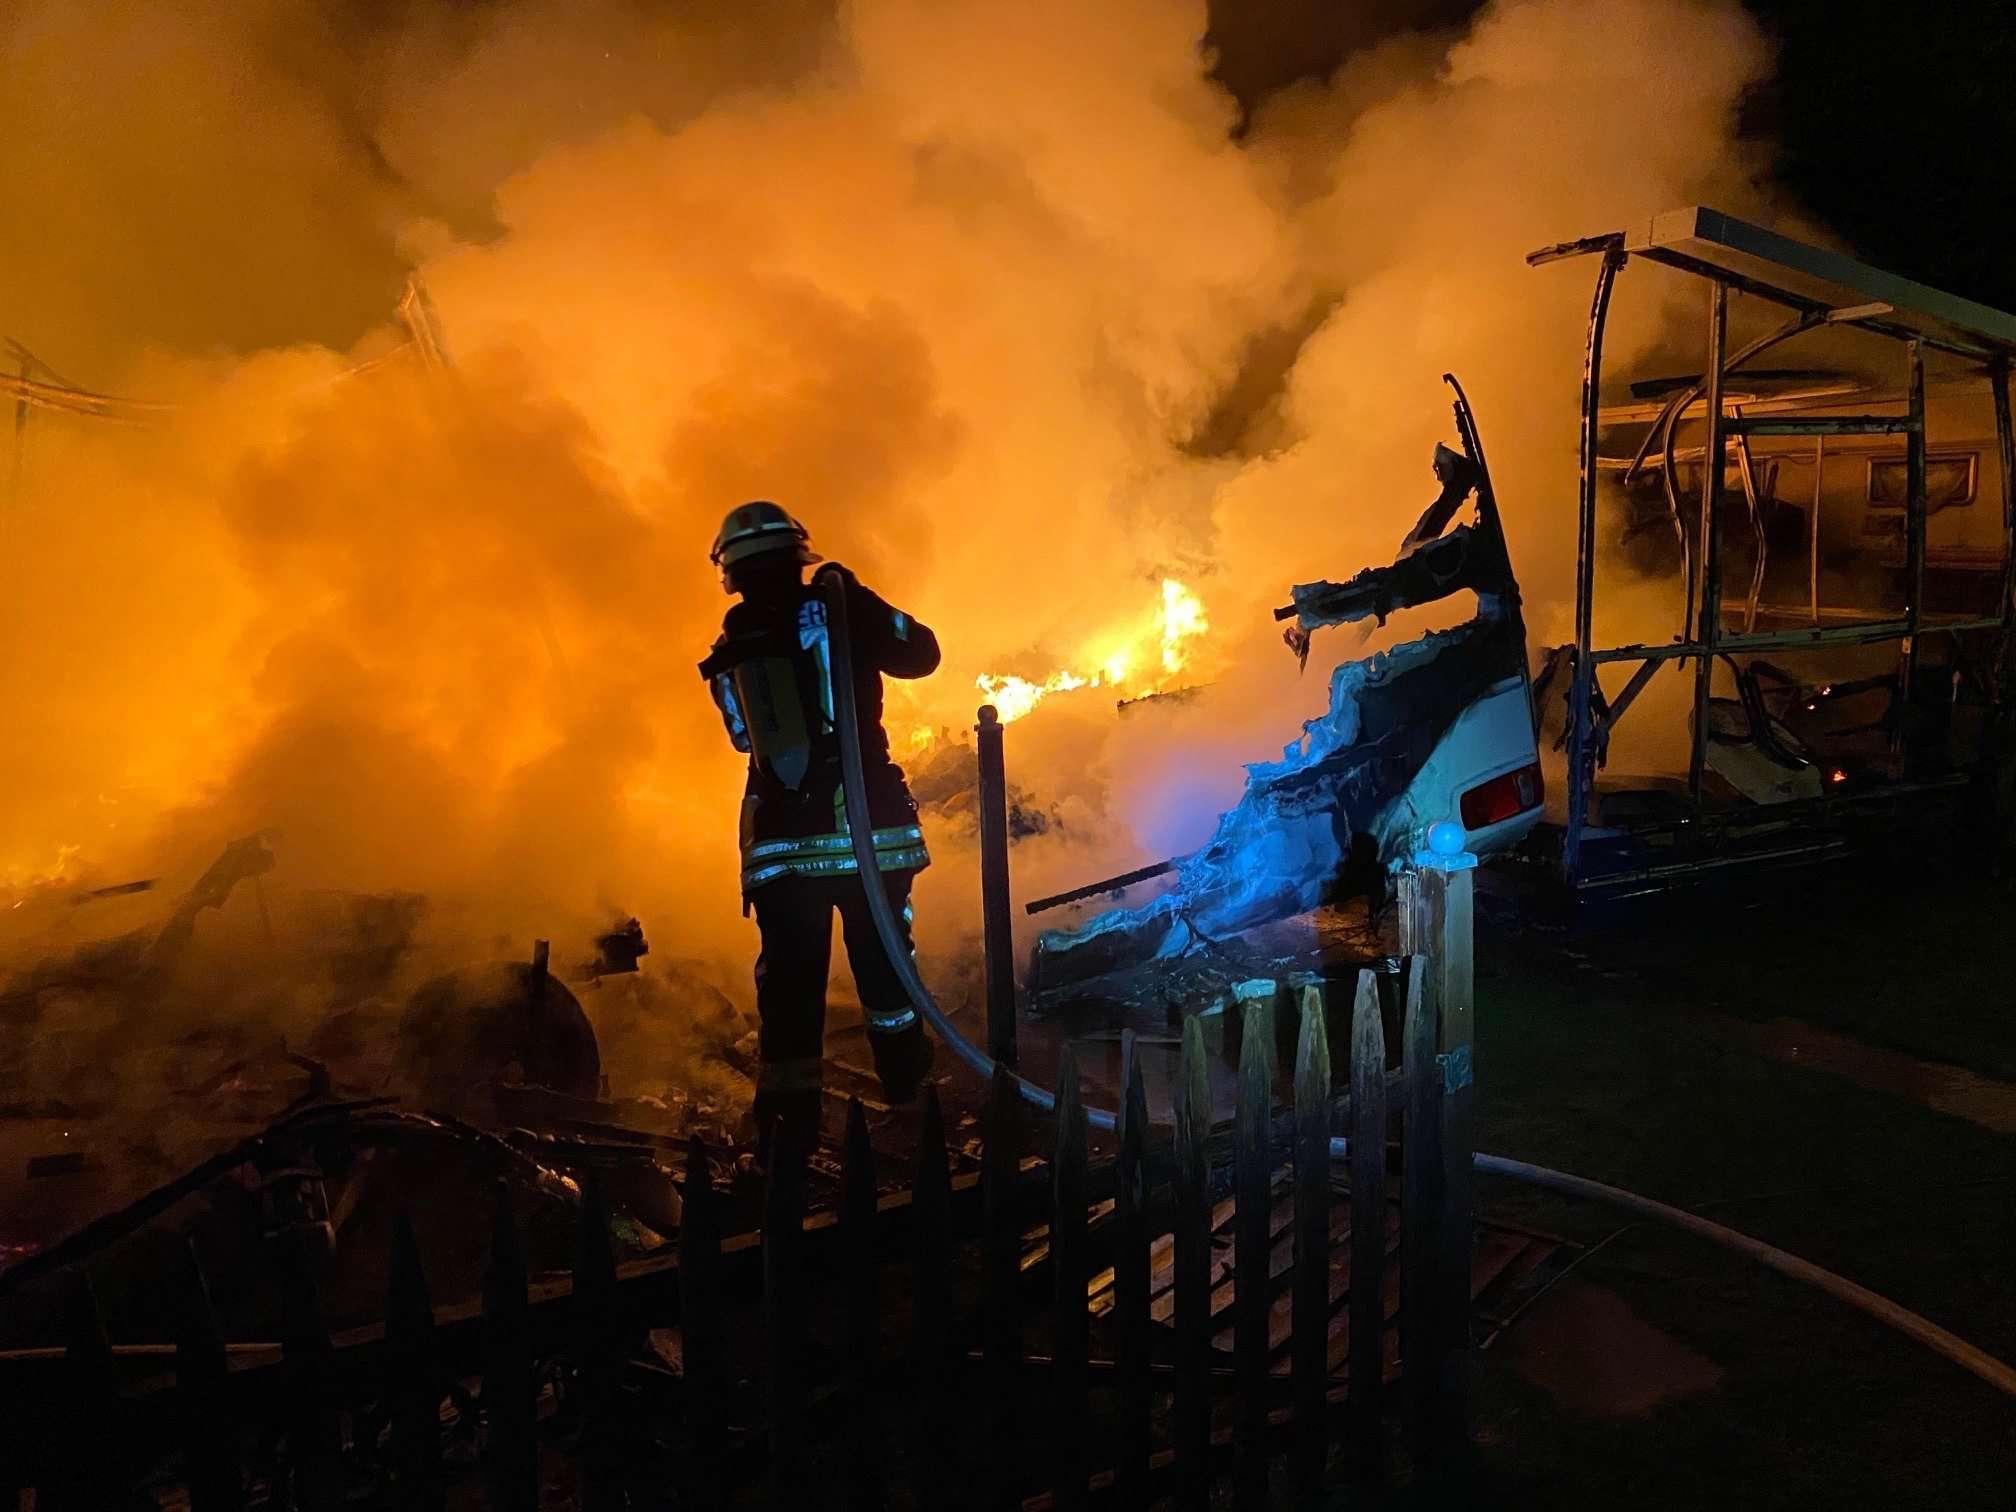 Am frühen Donnerstagmorgen rückten 35 Kameraden der Oytener Feuerwehr zu einem Brand am Behlingsee aus. Dort standen zwei Parzellen in Flammen.  Foto: Feuerwehr Oyten